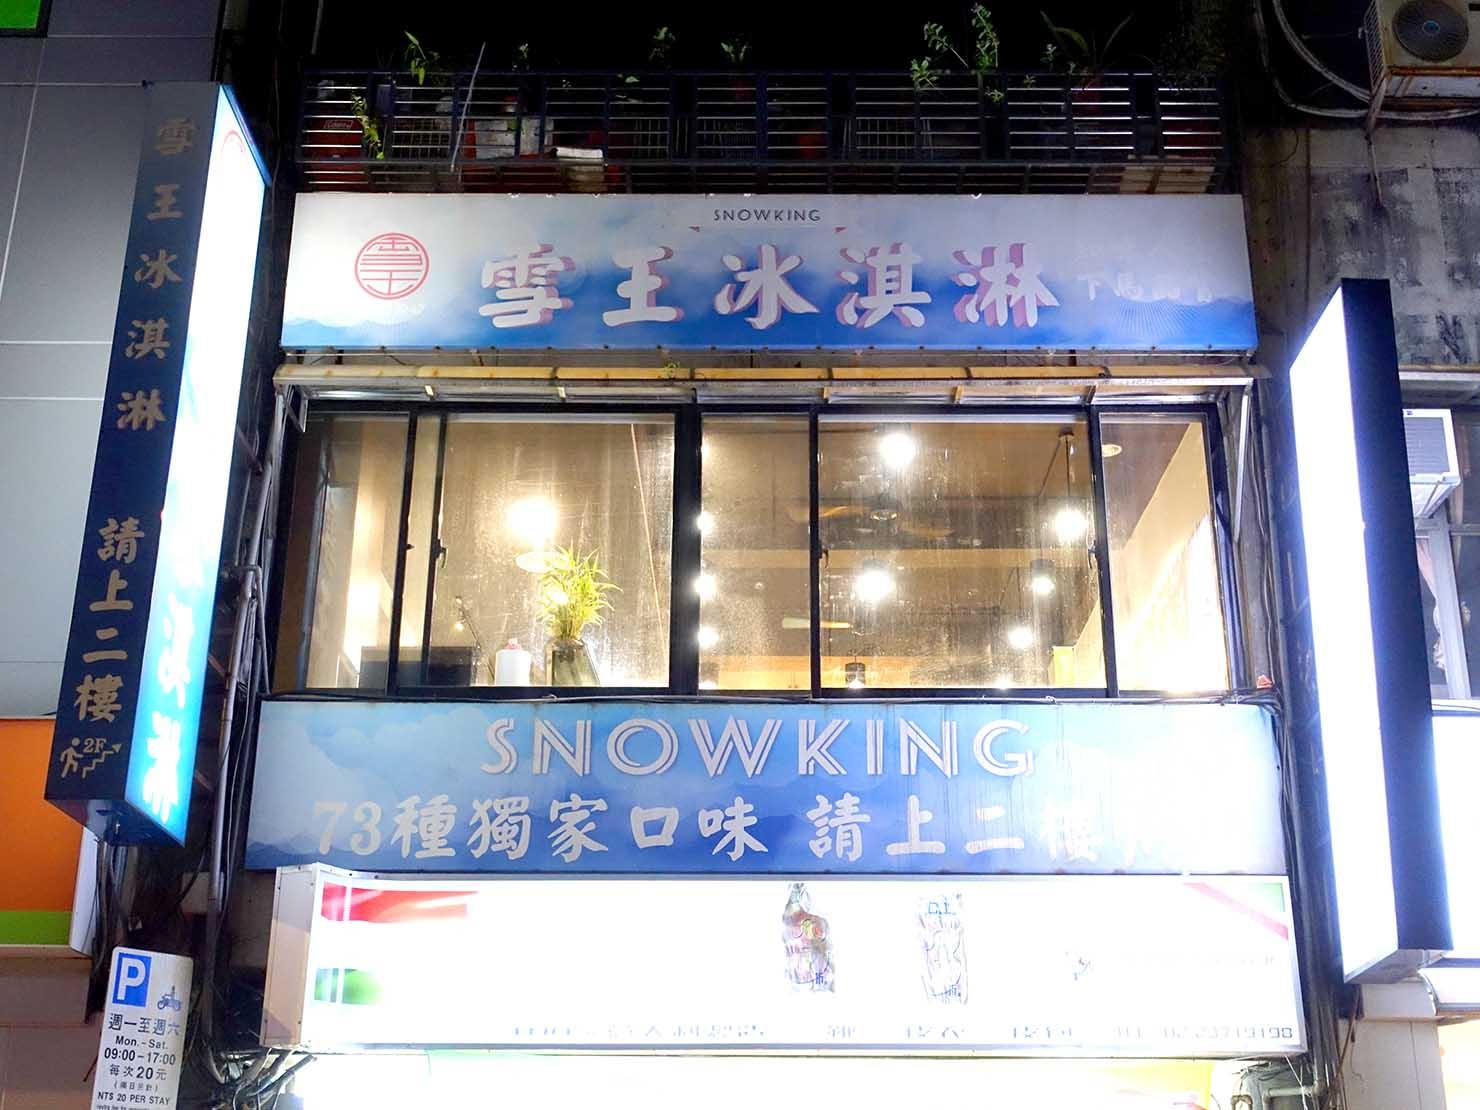 台北・西門町のおすすめひんやりスイーツ店「雪王冰淇淋」の外観